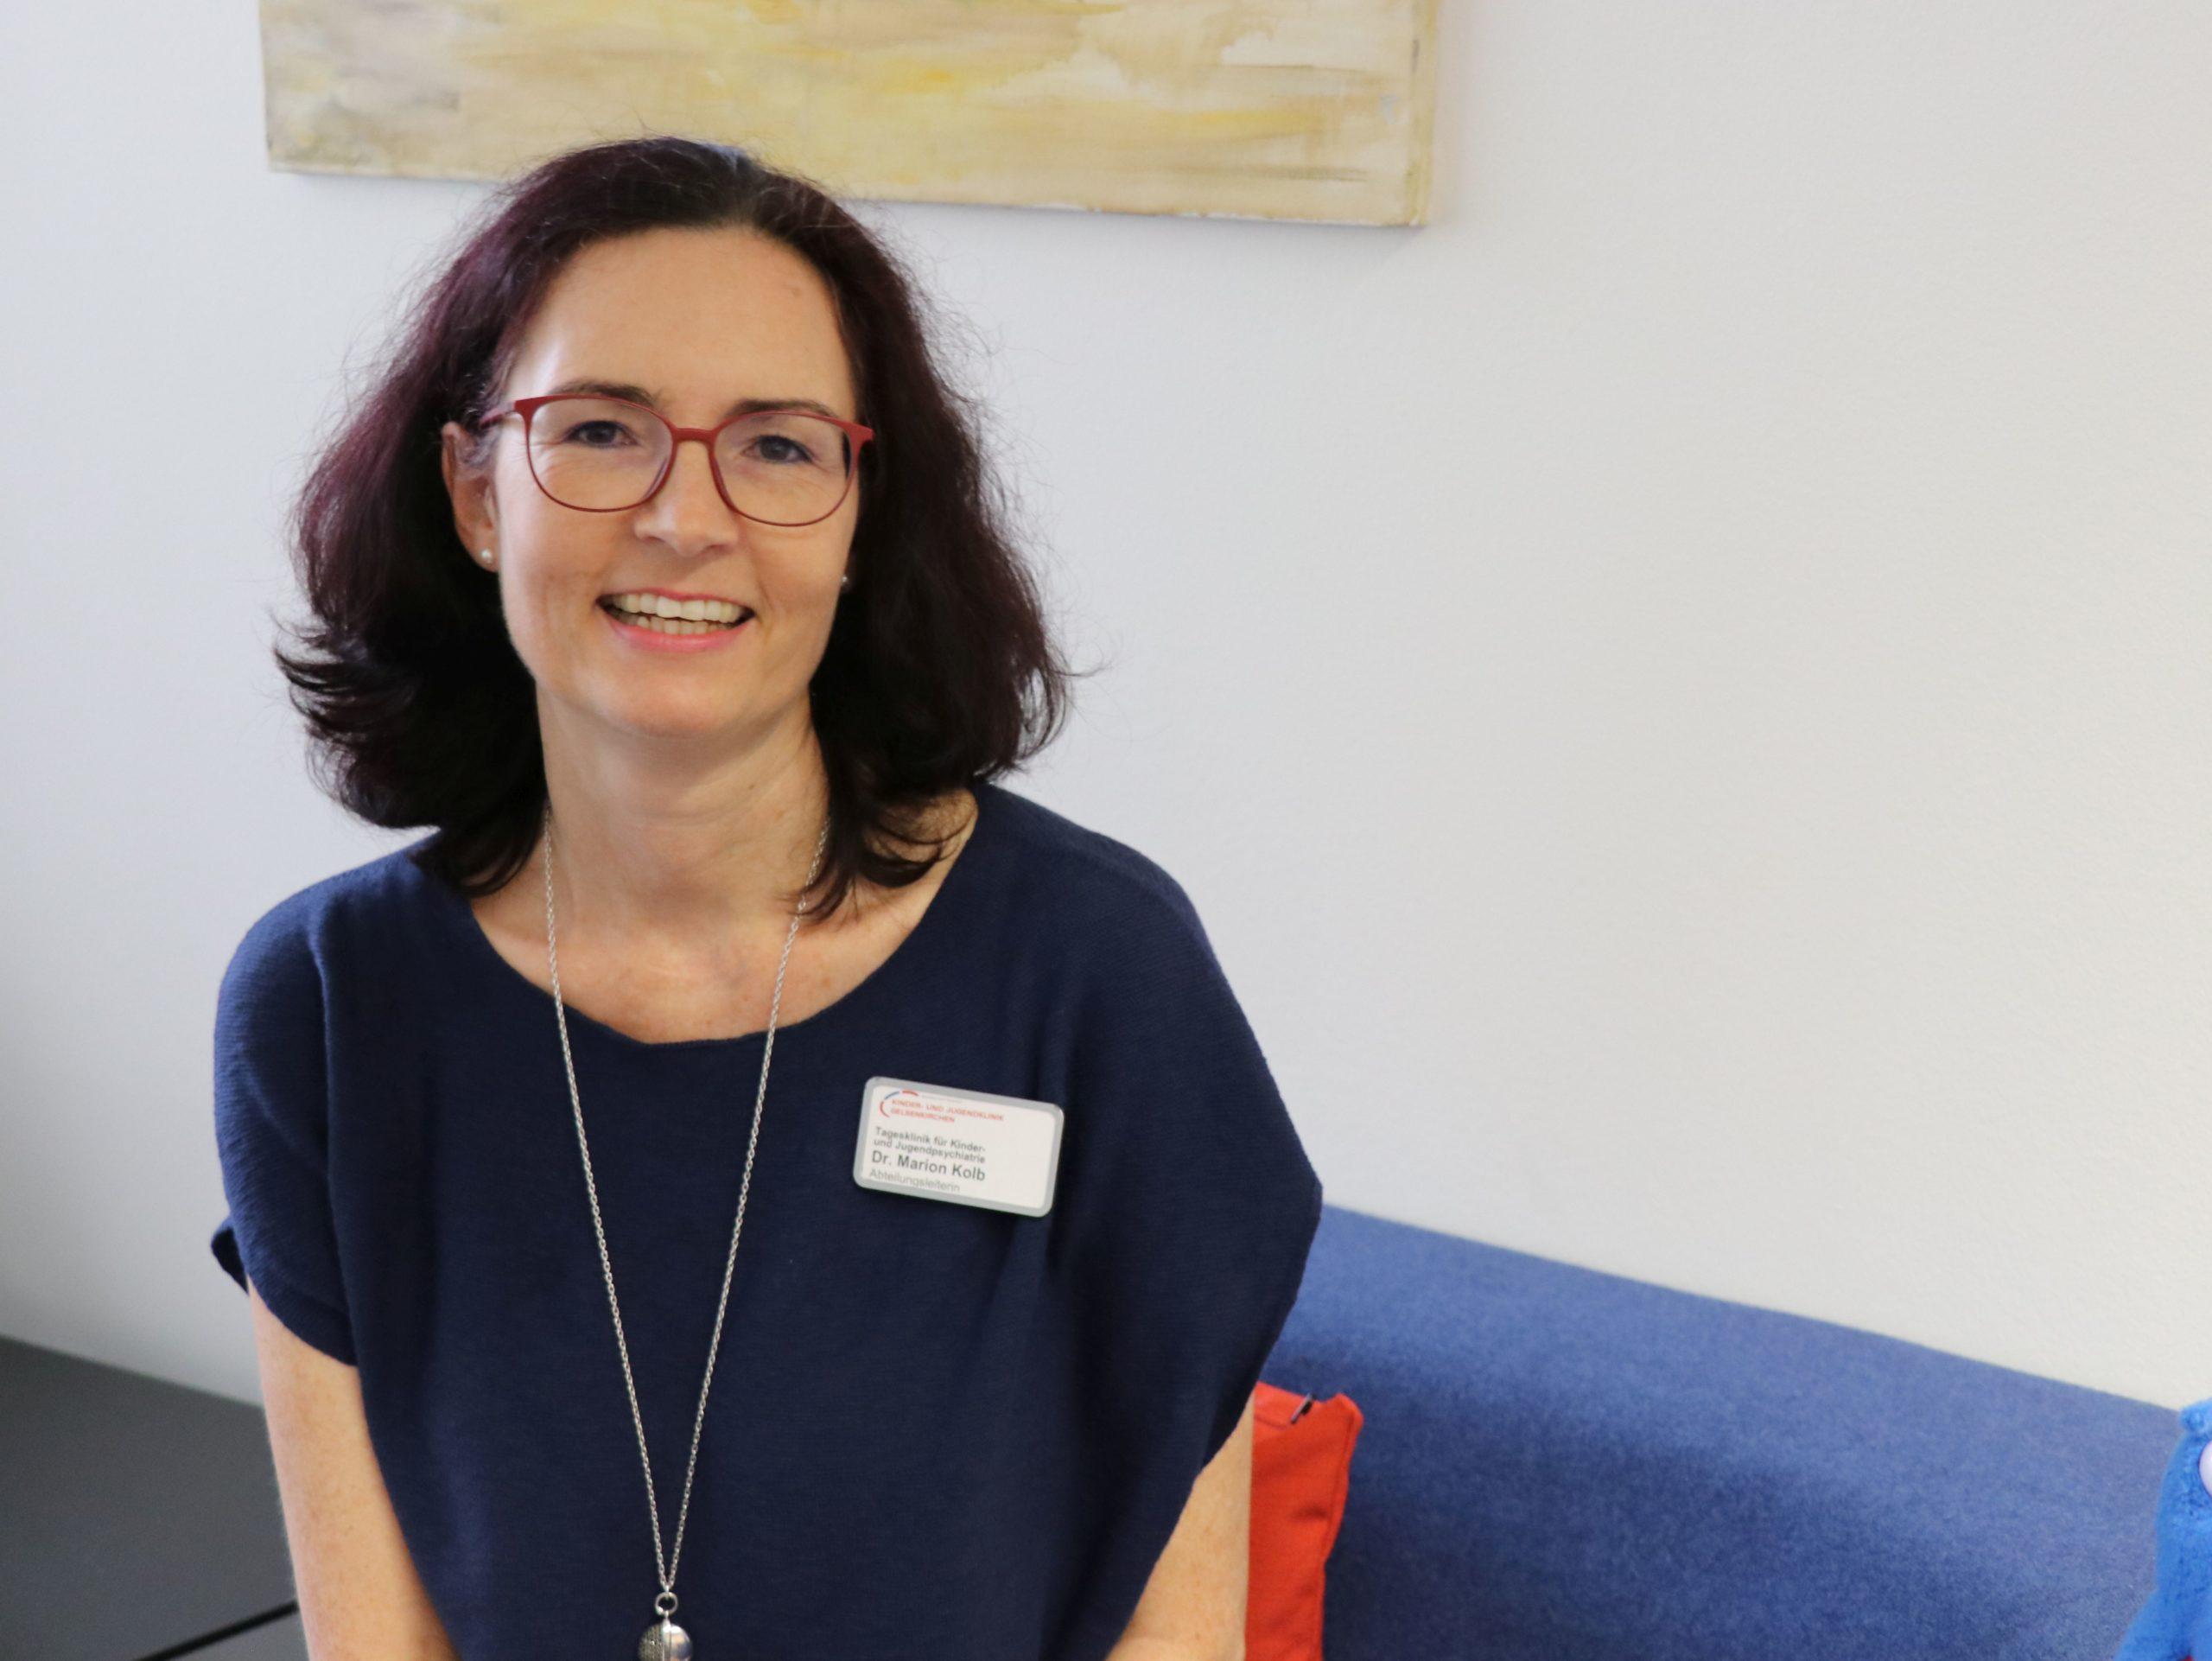 Fehlende soziale Kontakte in der Corona-Pandemie sind laut Dr. Marion Kolb der Hauptgrund für psychische Belastungen bei Kindern und Eltern.